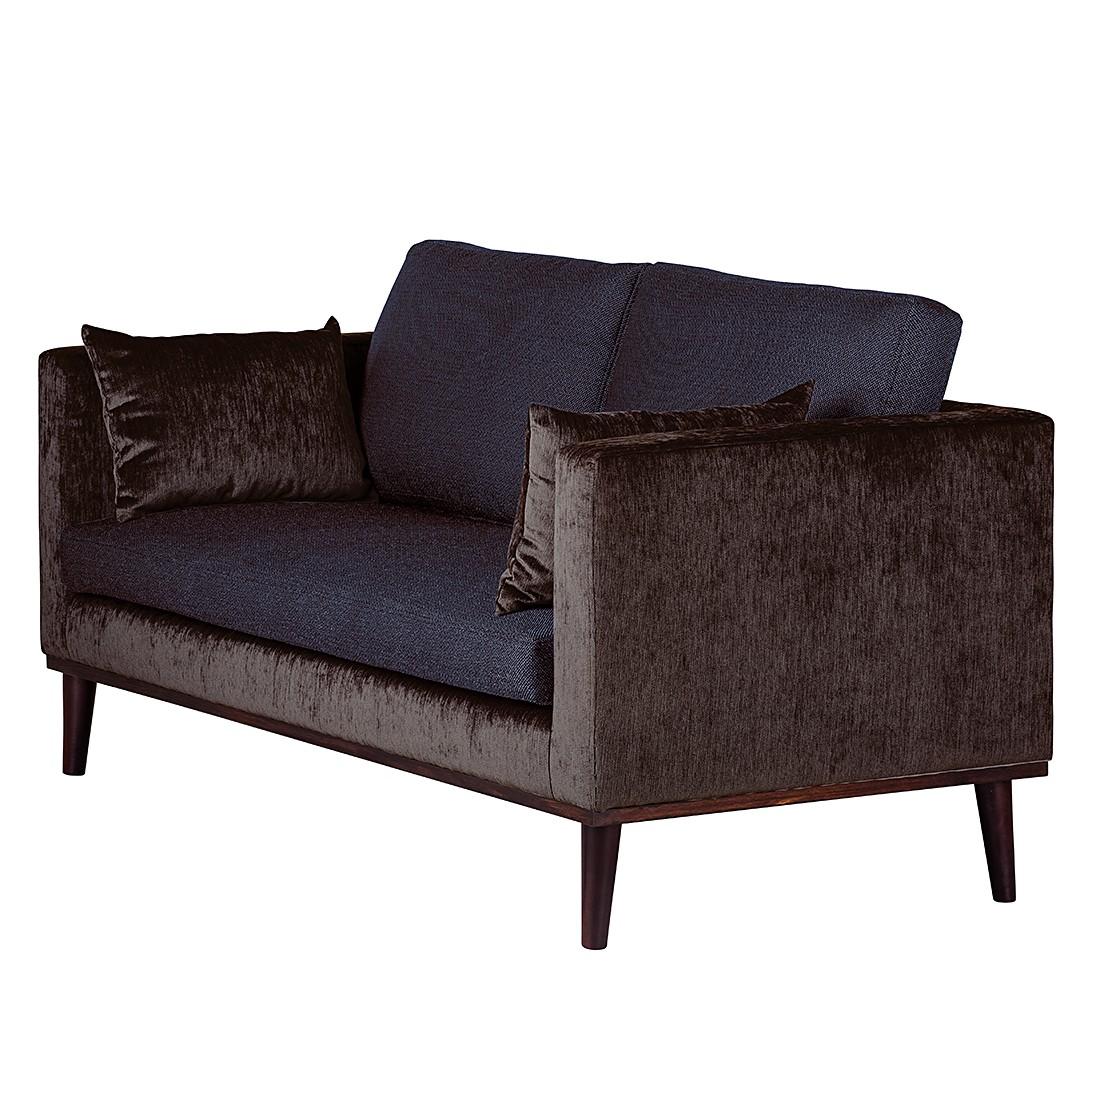 Sofa Dauphine (2-Sitzer) – Webstoff Dunkelblau/Samtstoff Mocca, Maison Belfort günstig kaufen